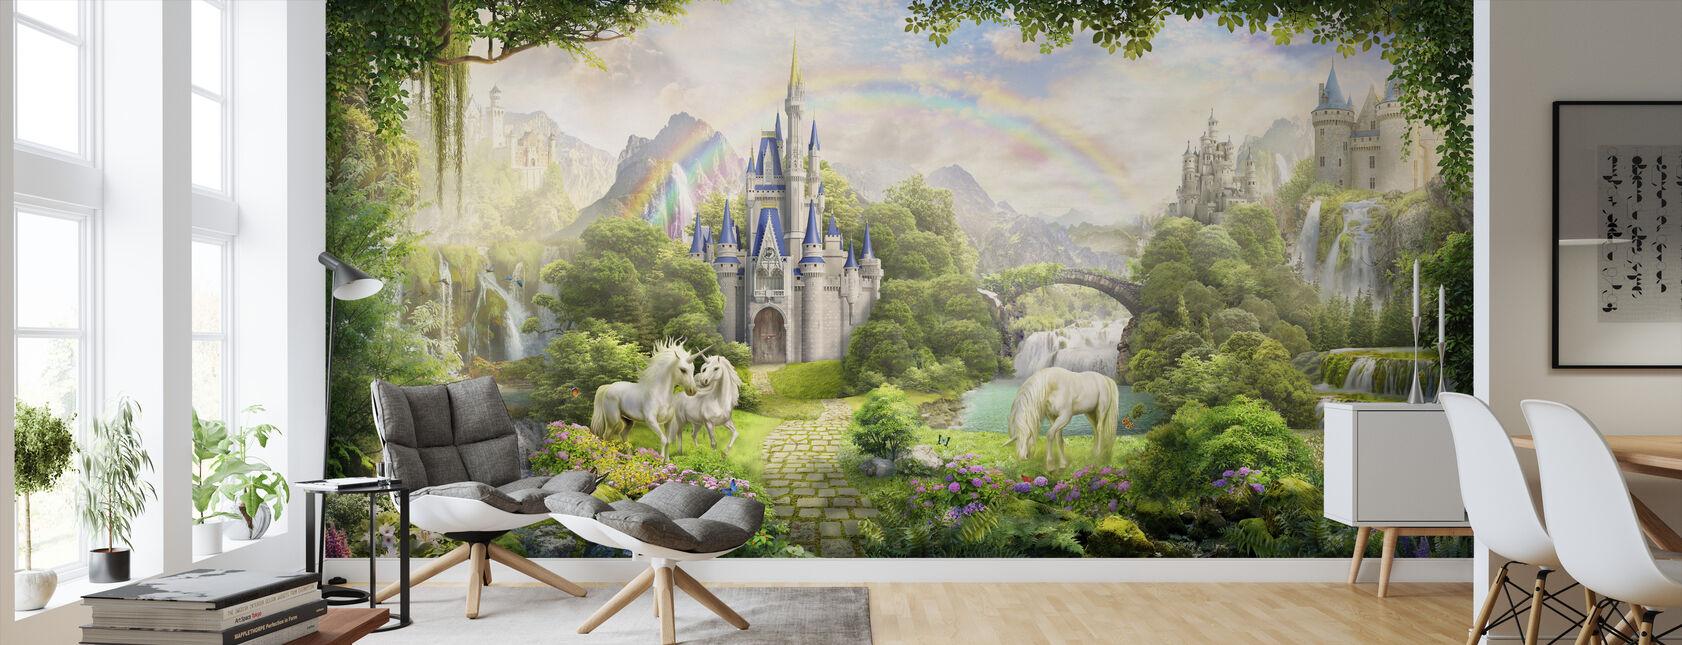 Unicorns Residence - Wallpaper - Living Room